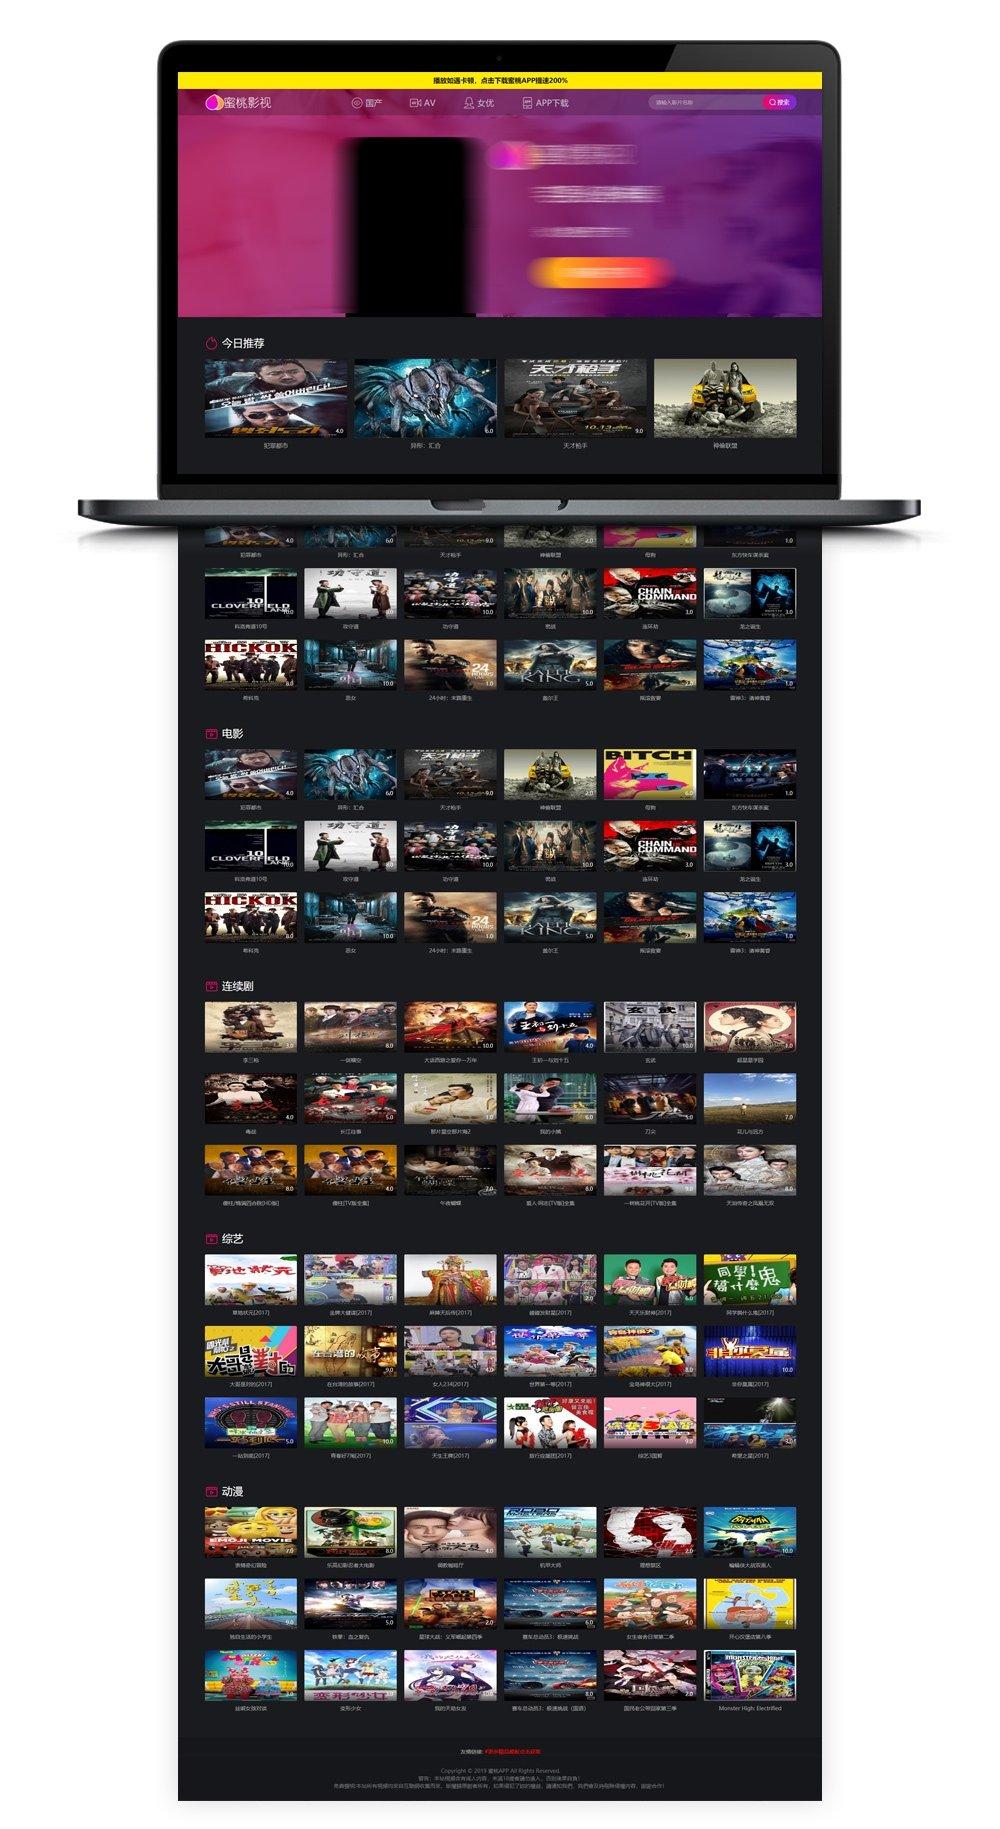 【苹果CMS模板】2020.06首发二开仿蜜桃影视CMS网站源码